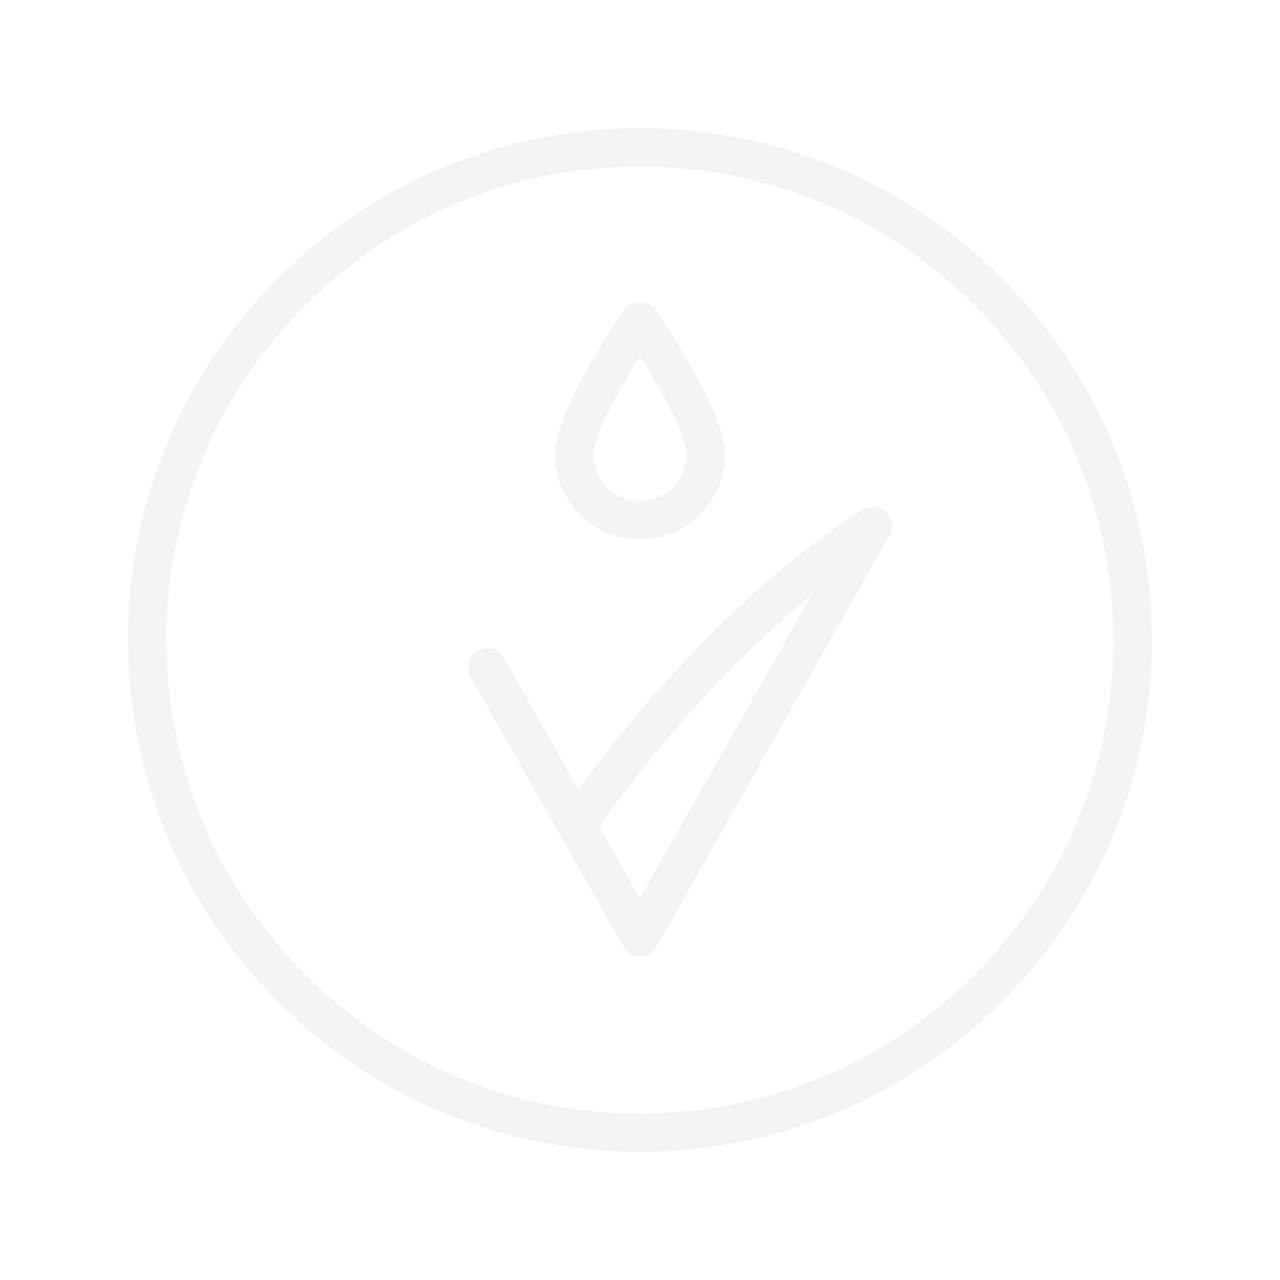 MARLIES MÖLLER Ageless Beauty Restore & Protect Shampoo 200ml